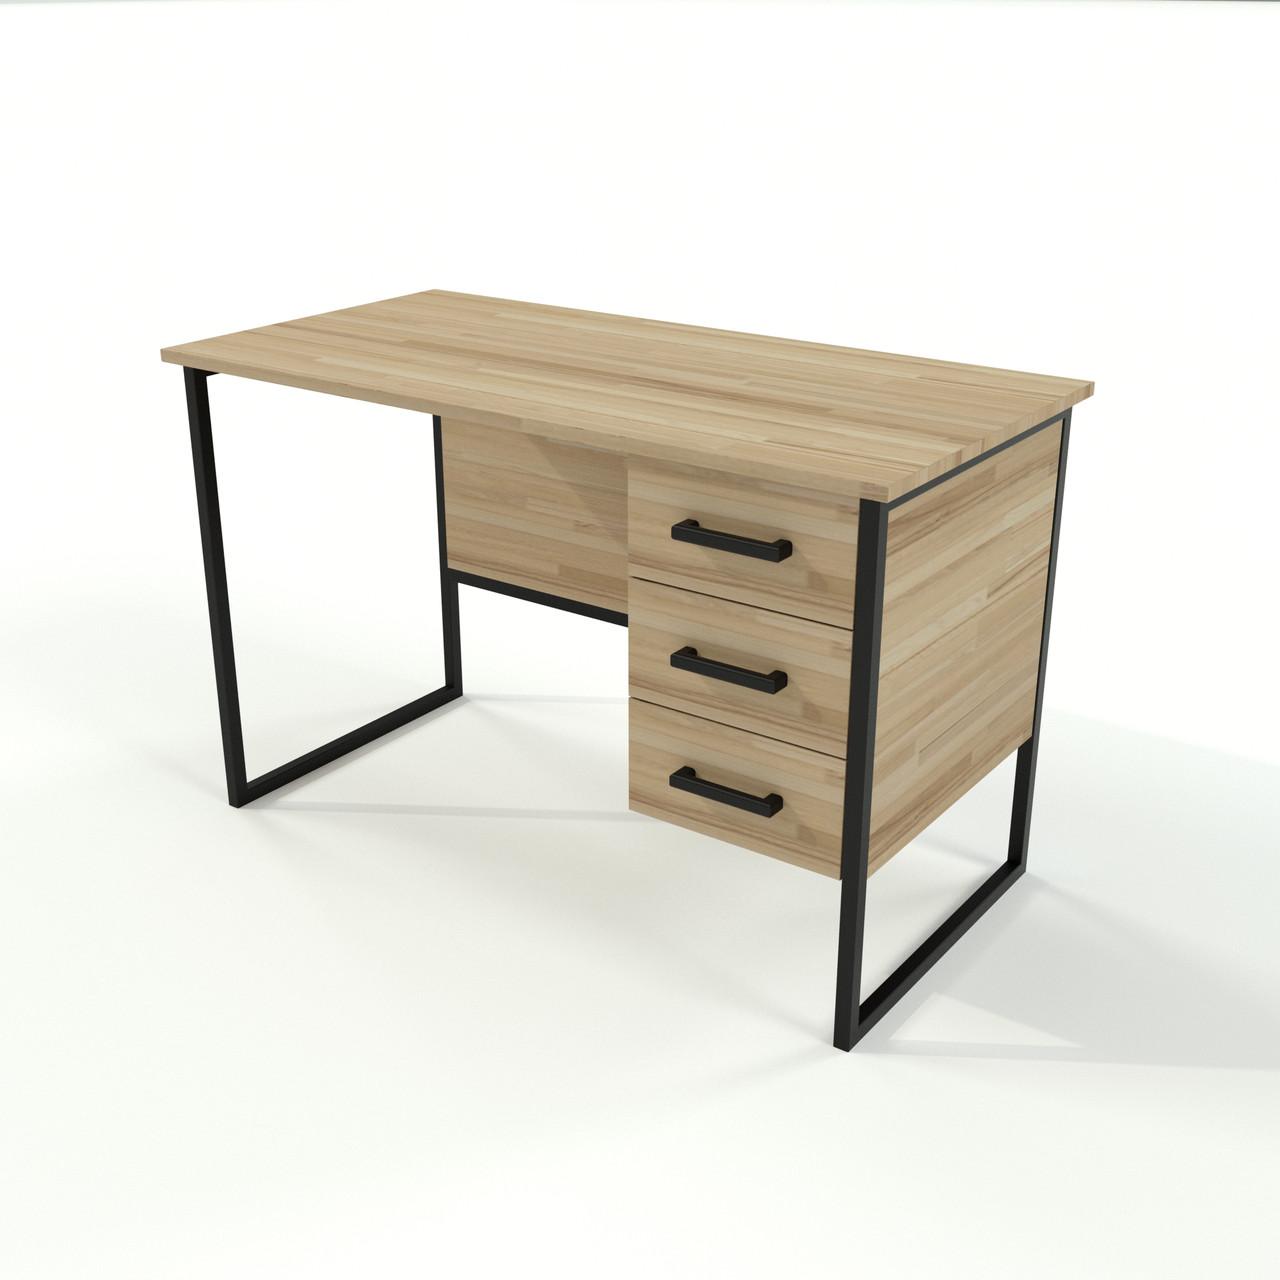 Письмовий стіл в стилі Loft для офісу з натурального дерева